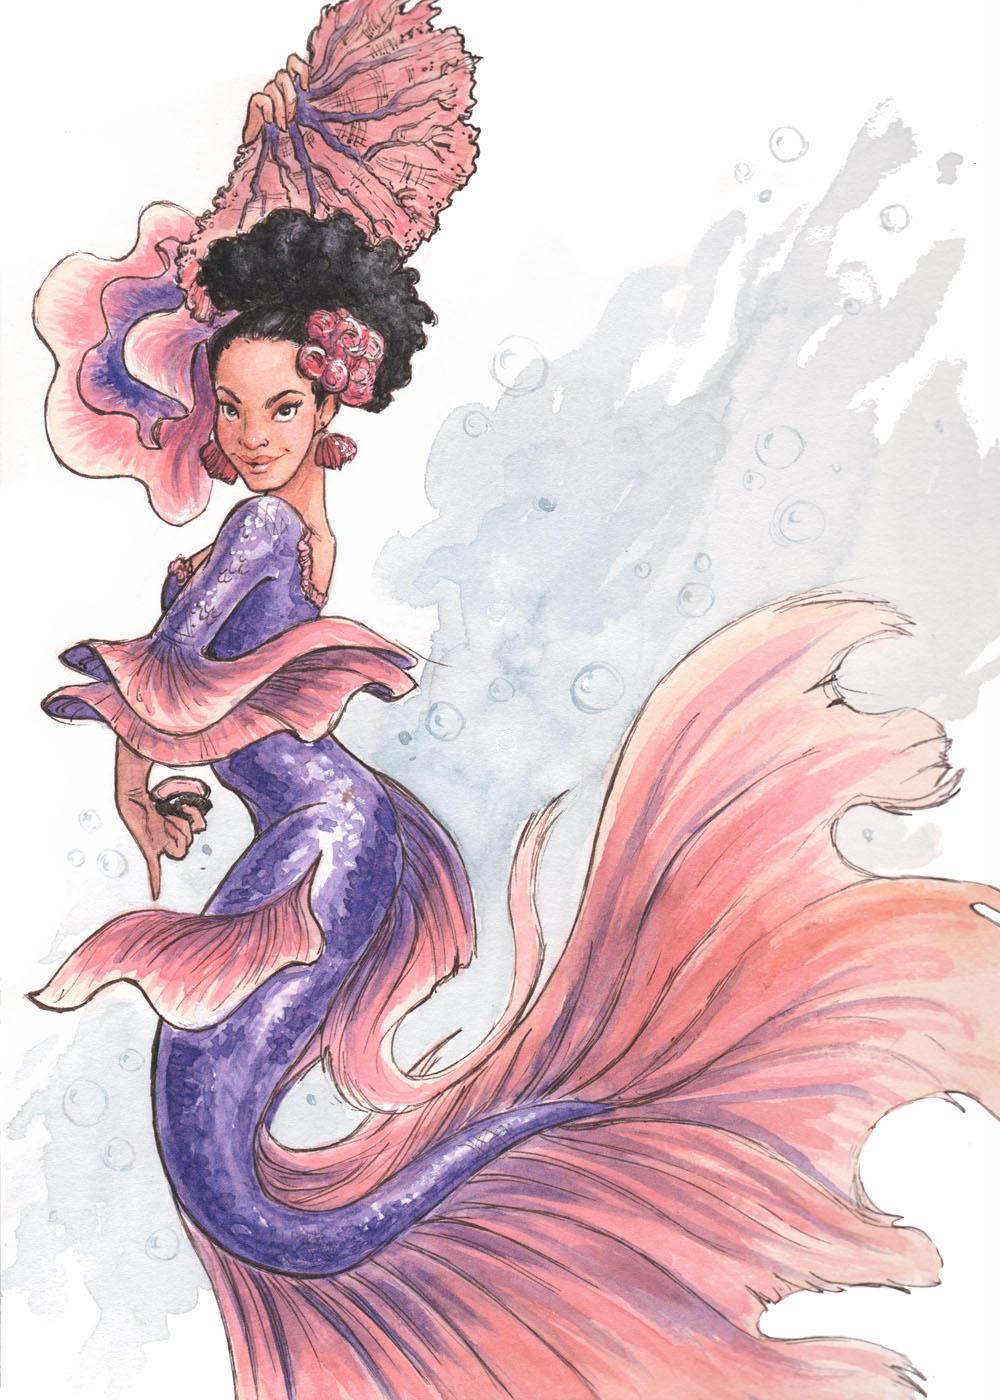 MerMay2019 -- Day 3: Beta-Fish Flamenco Mermaid